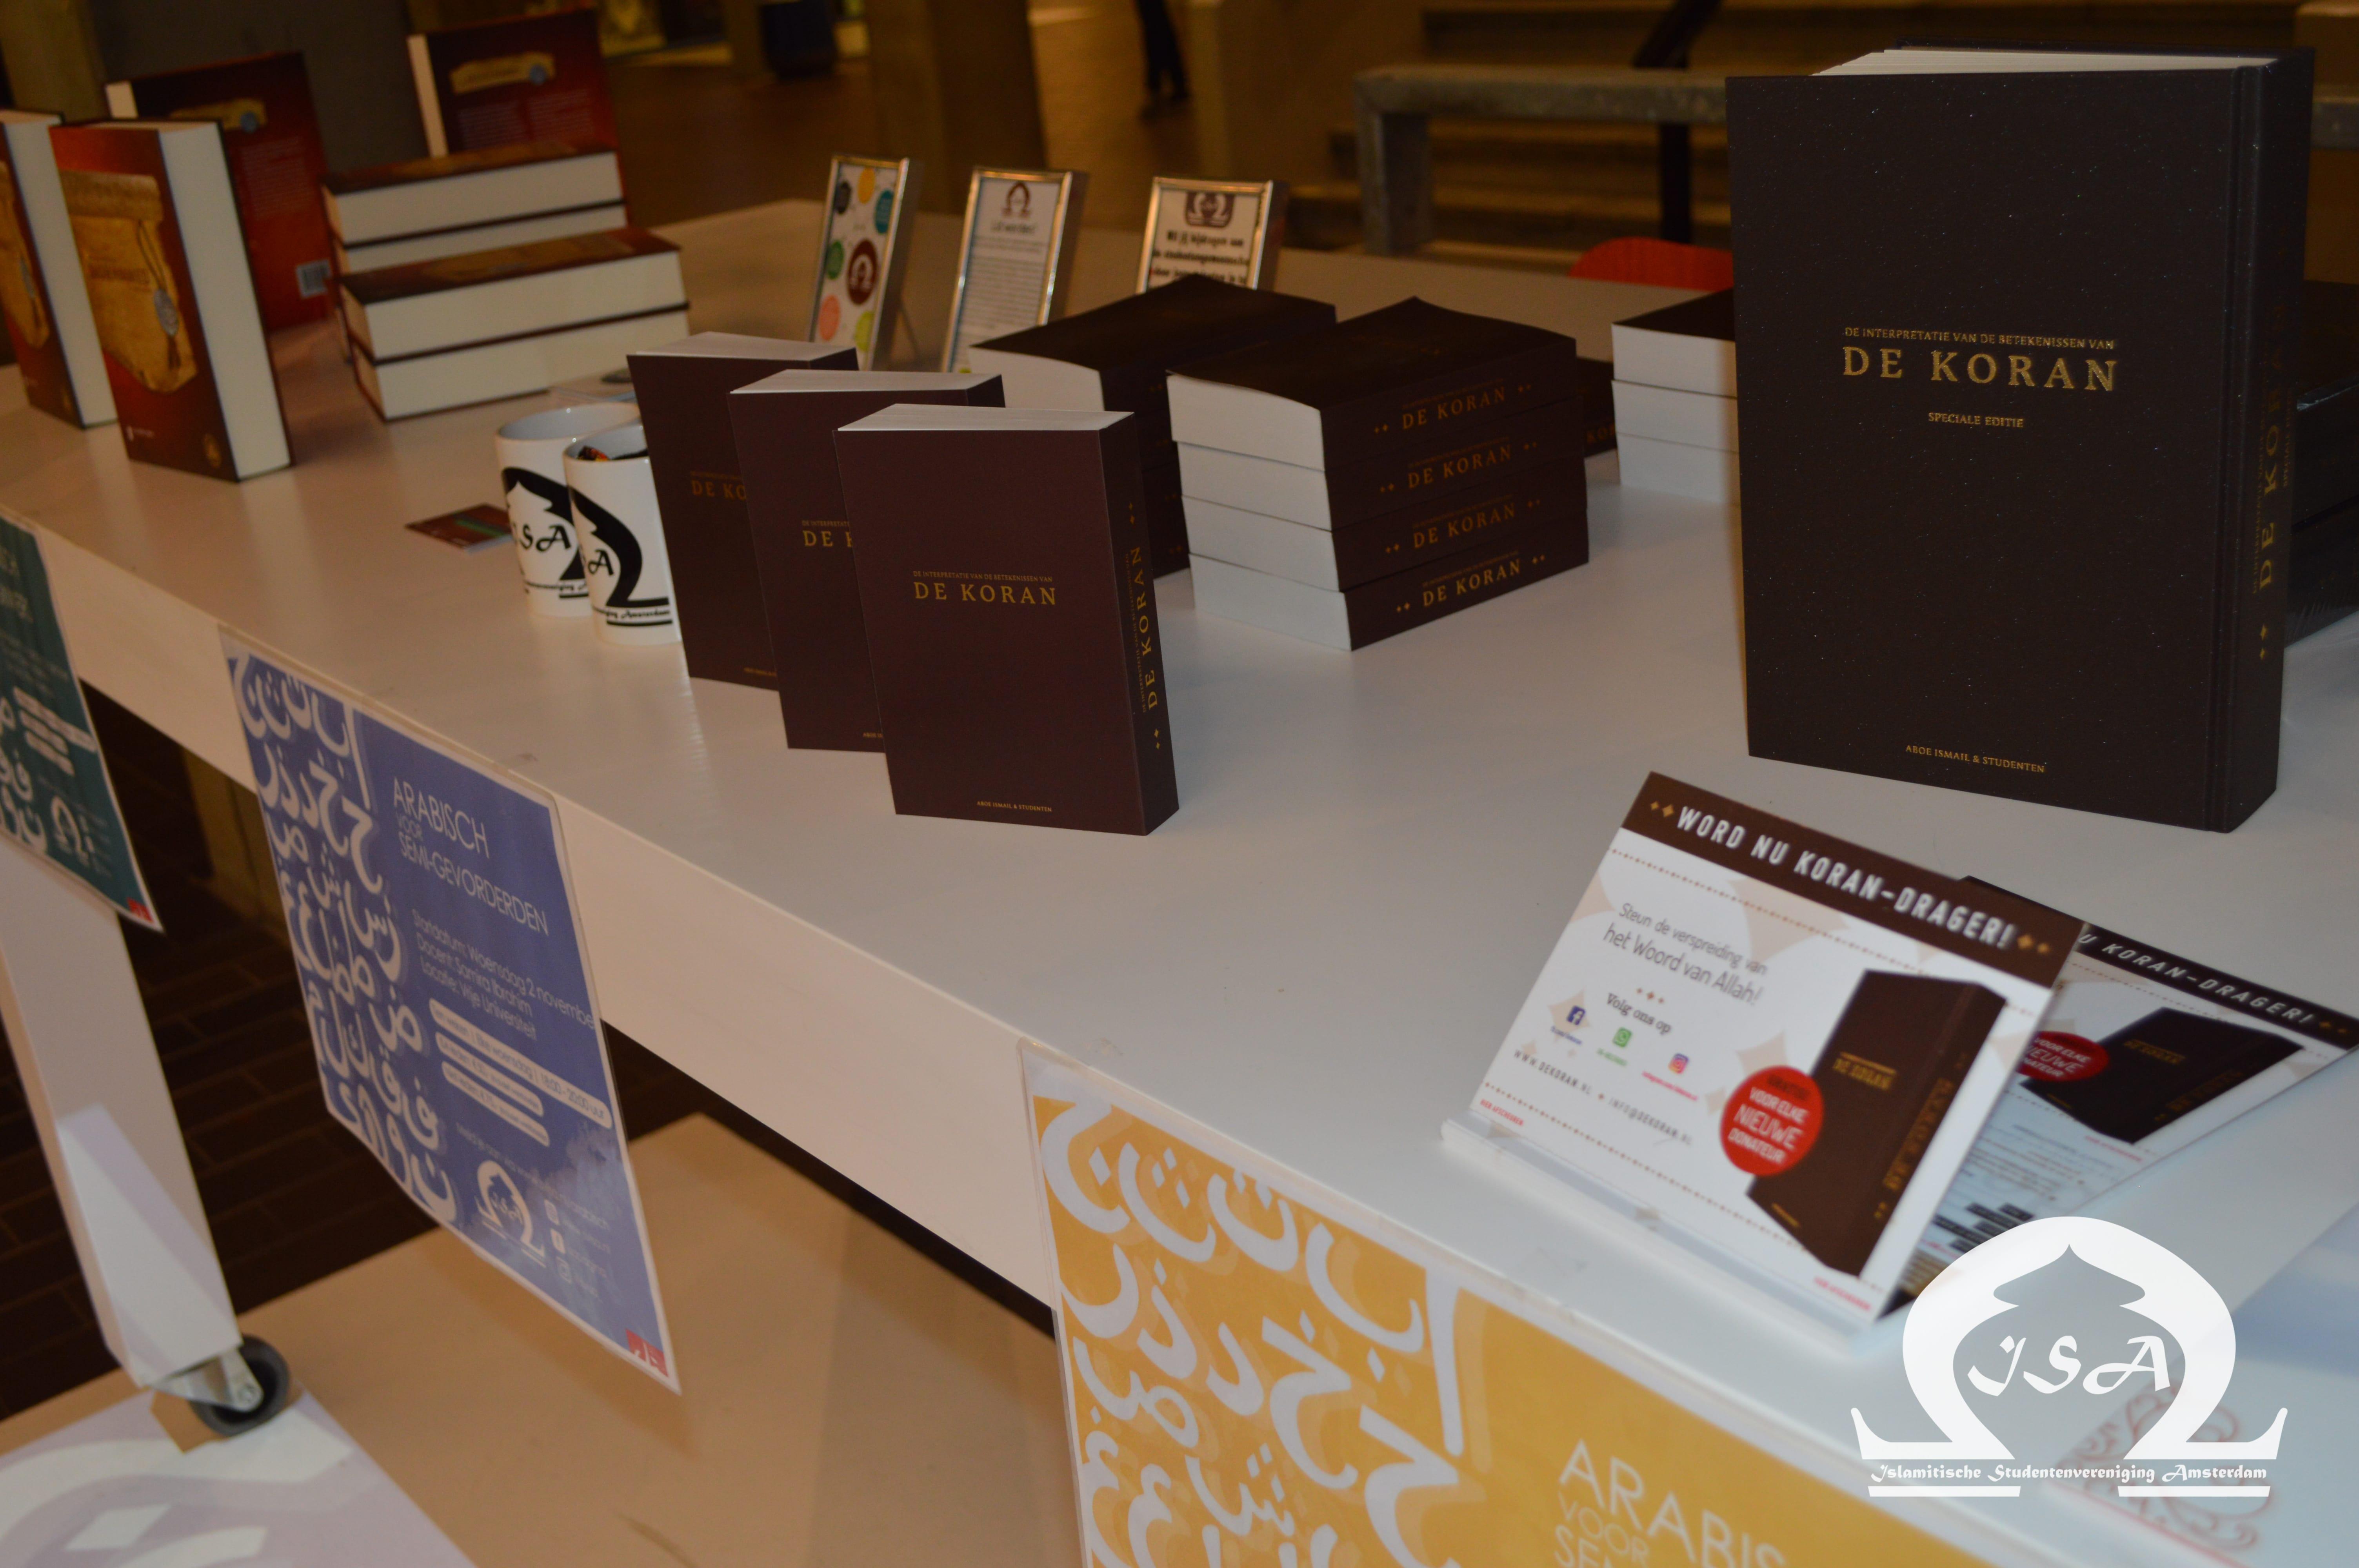 Qur'anvertalingen uitgedeeld op de Vrije Universiteit Amsterdam (VU)